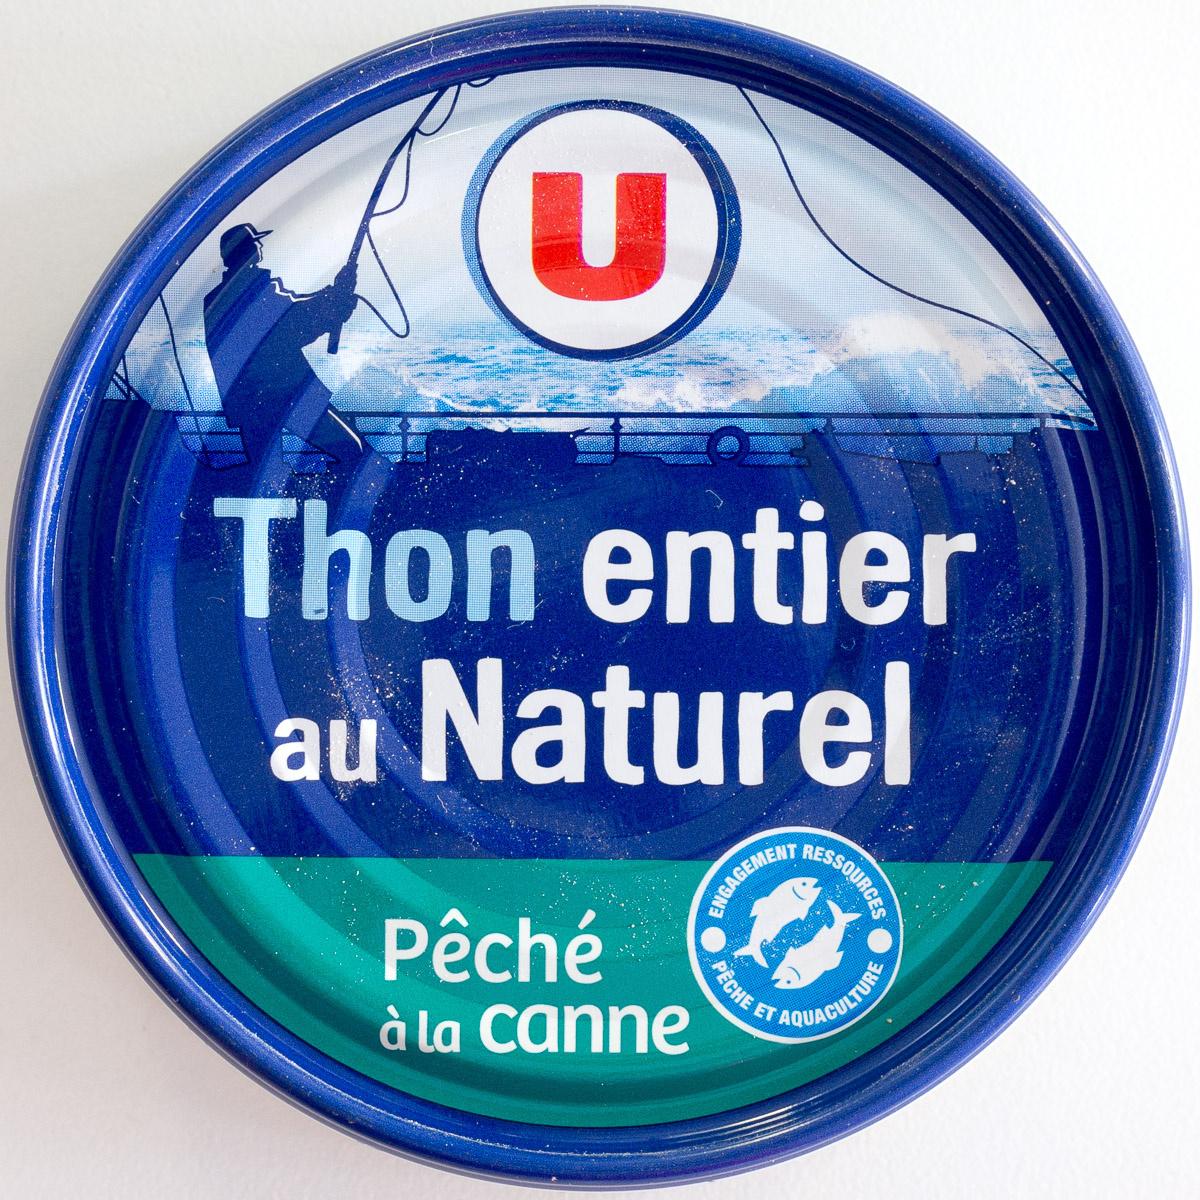 Thon entier au Naturel, Pêché à la canne - Product